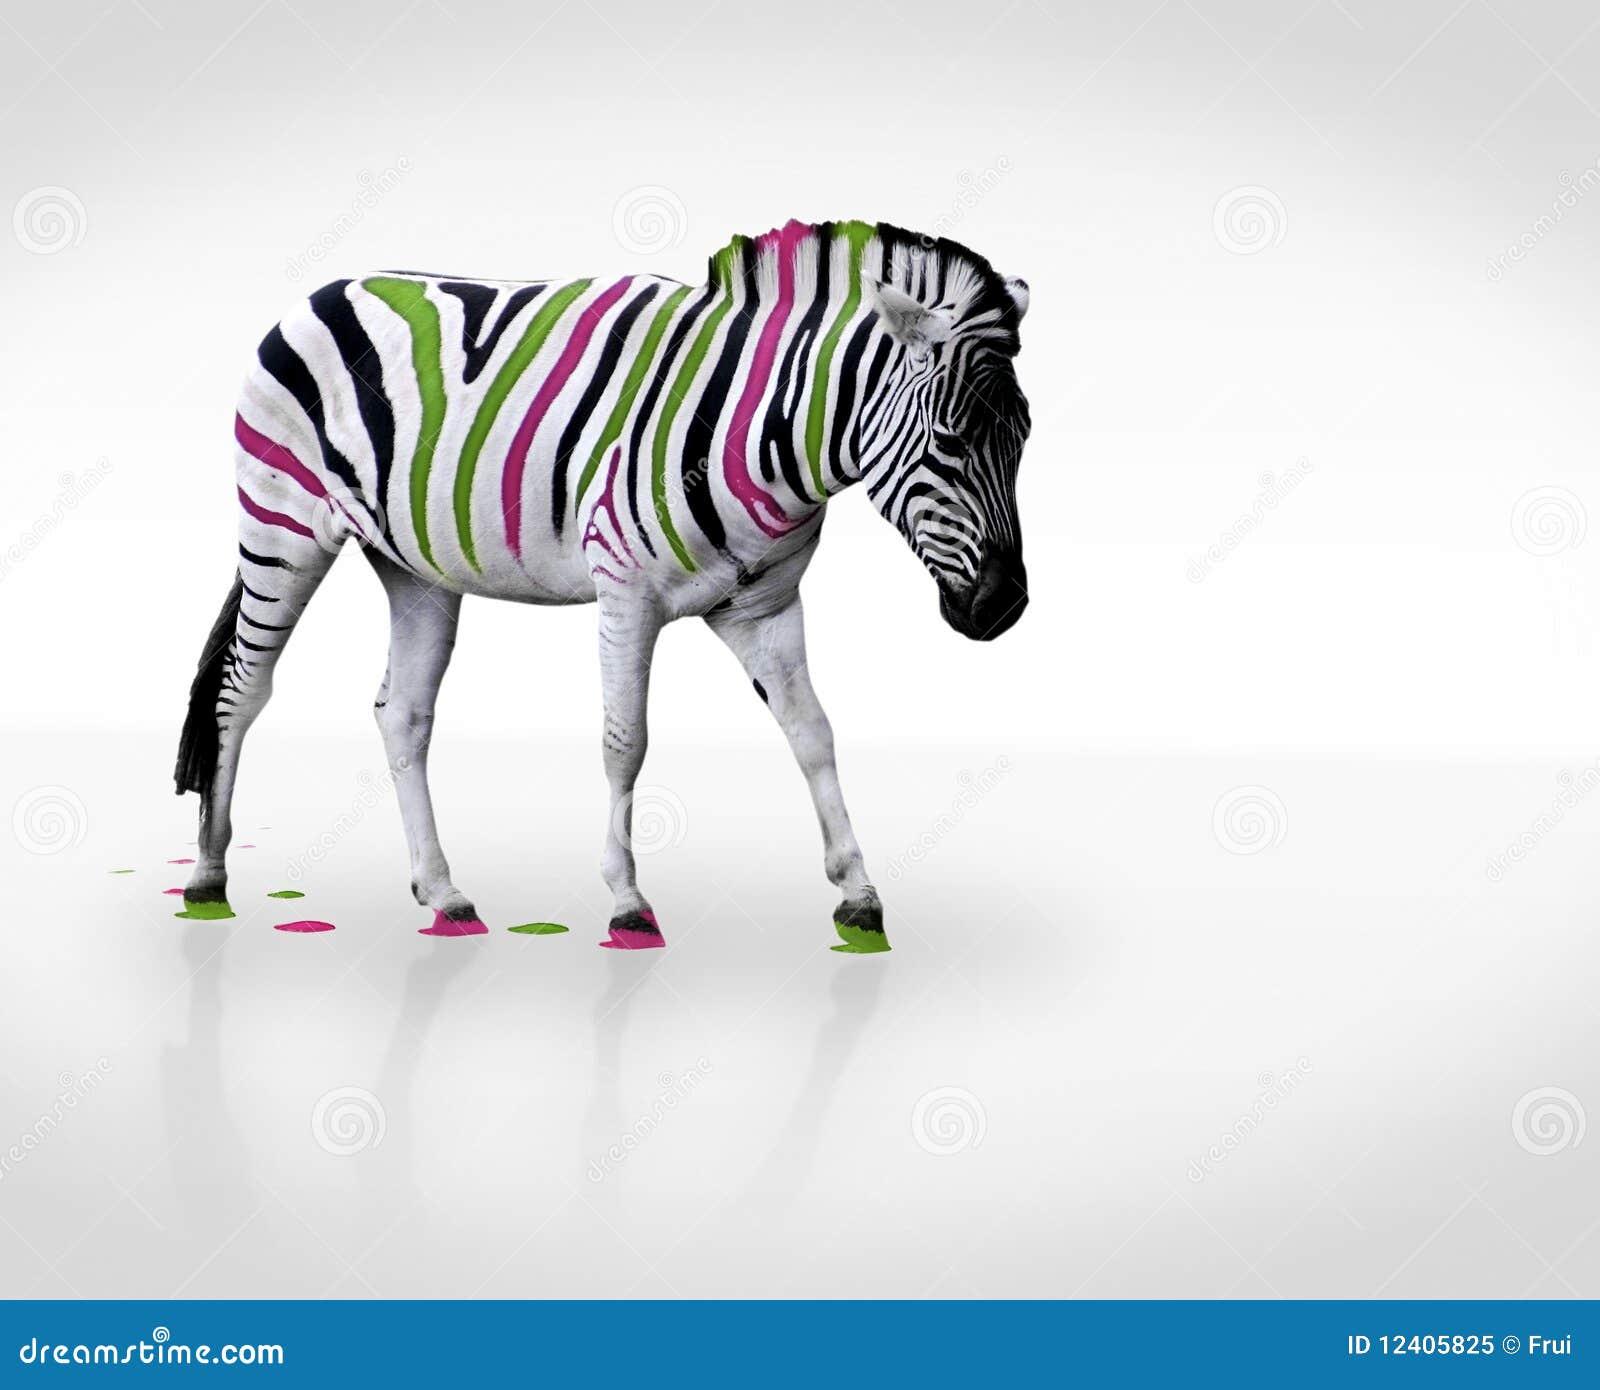 Kreatywnie zebra